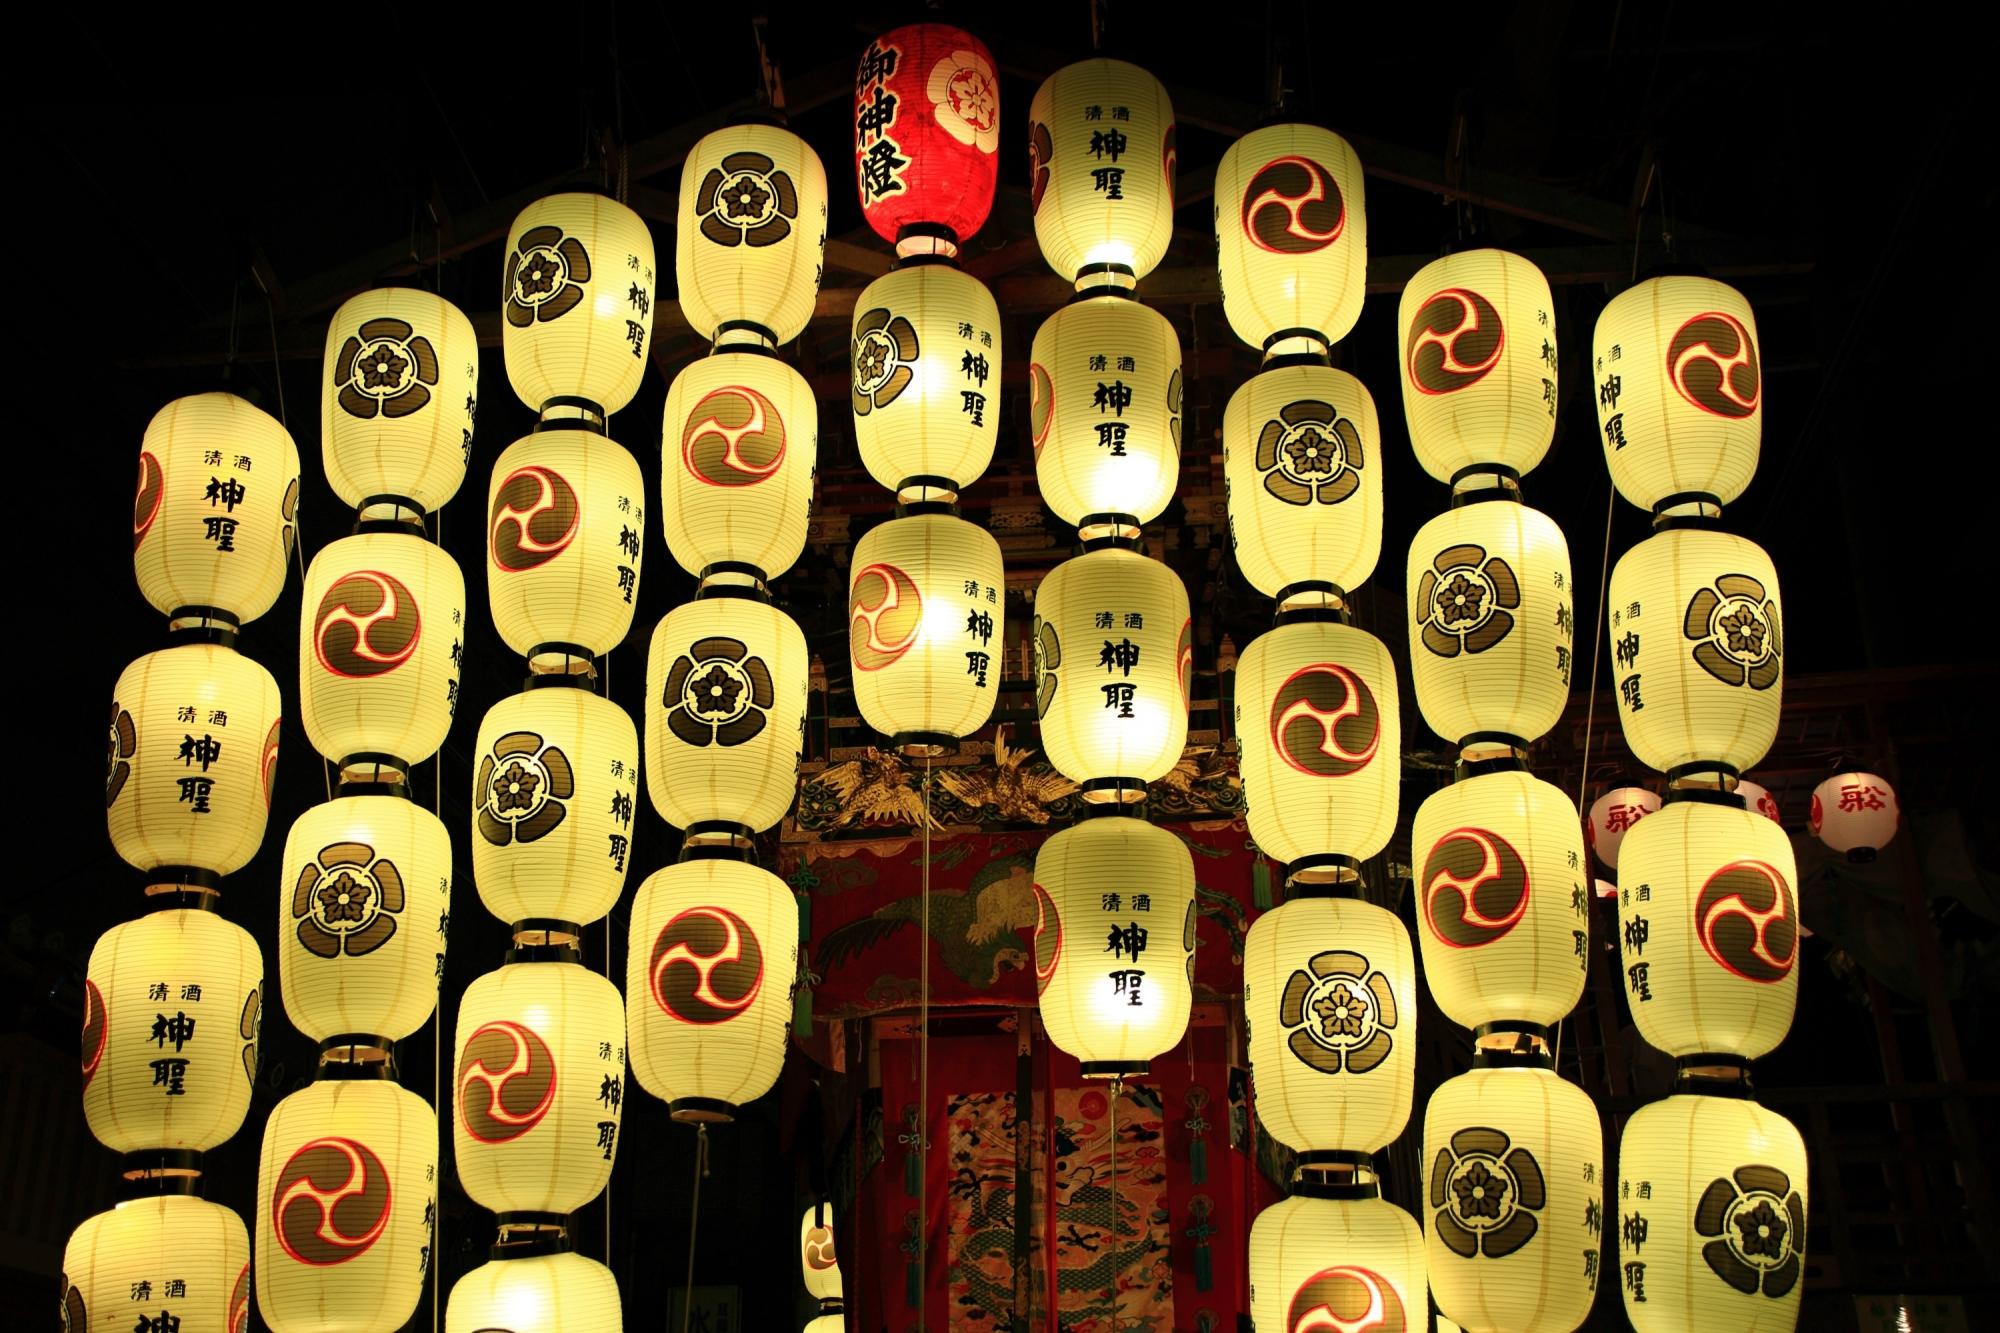 祇園祭の宵々々山の船鉾の駒形提灯